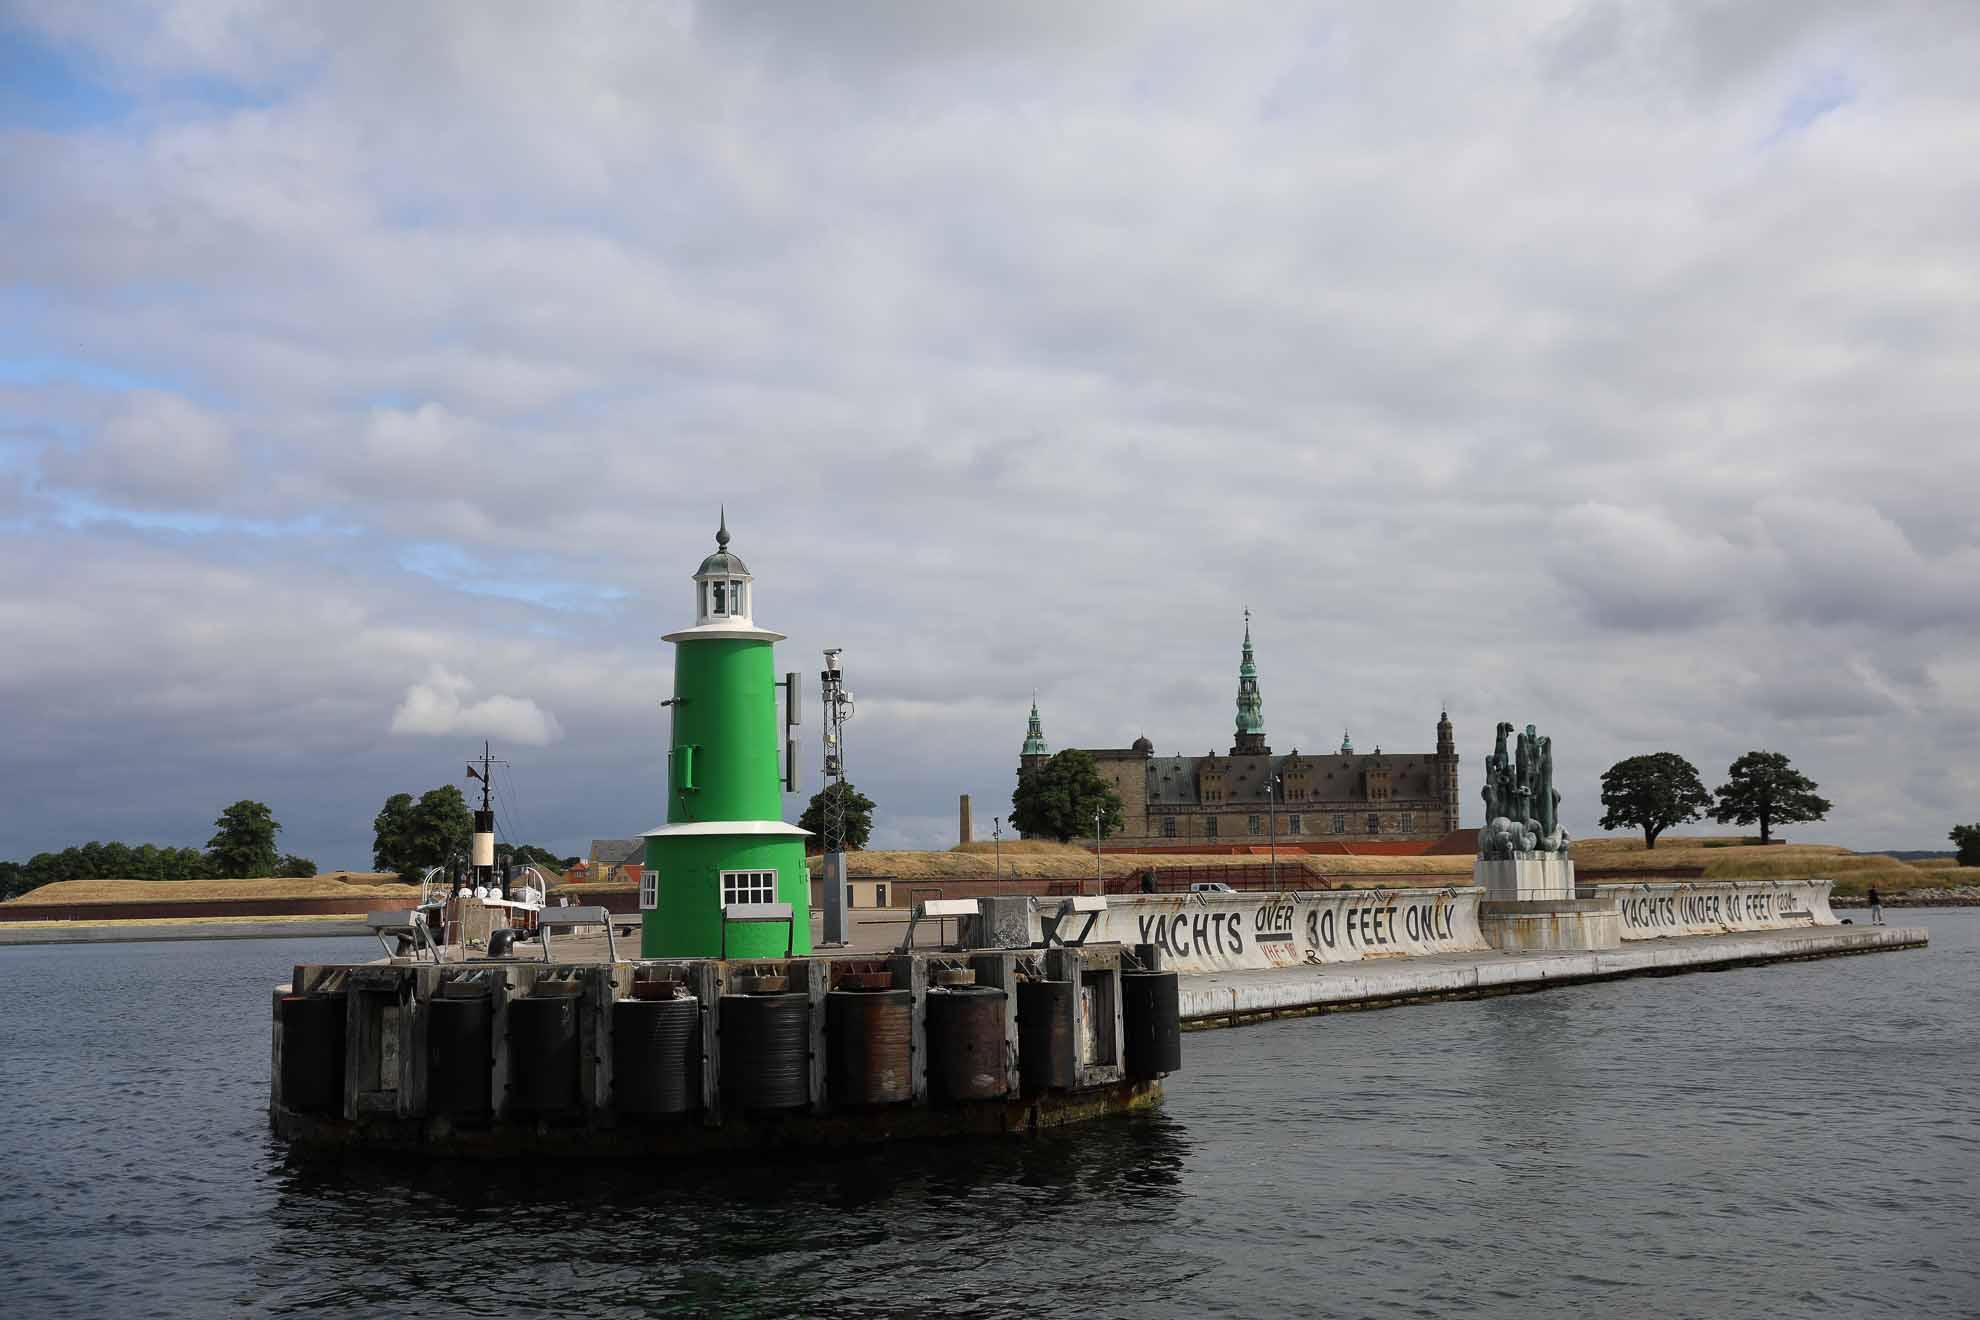 Am nächsten Tag verlassen wir Helsingør Havn mit seinen markanten Leuchtfeuern an der Hafeneinfahrt